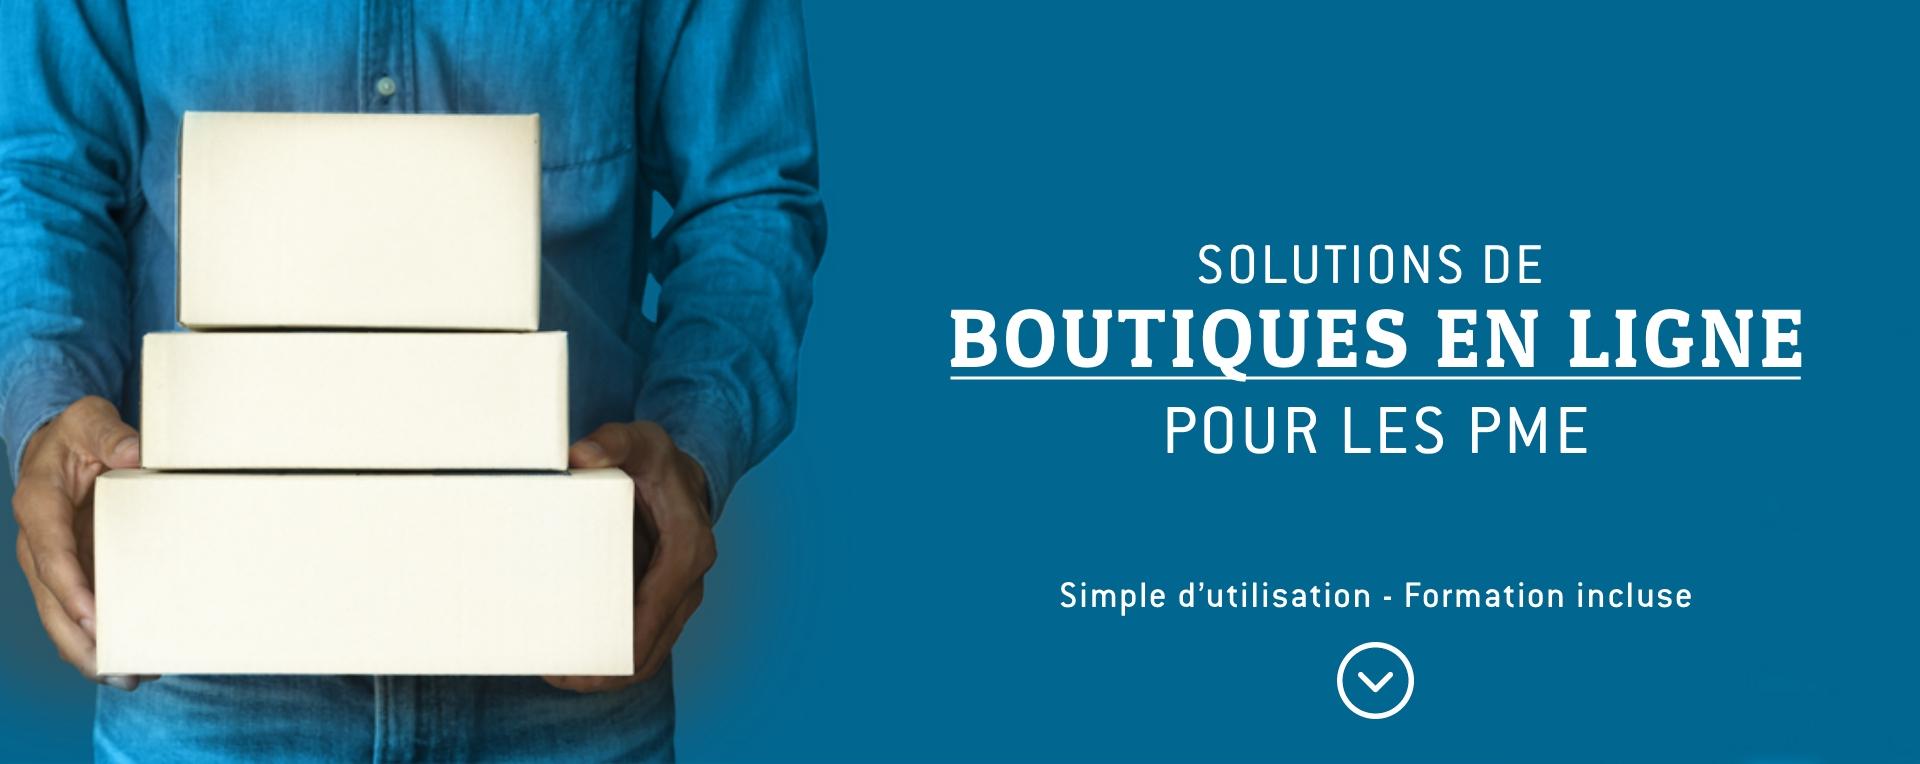 Solutions de boutiques en ligne